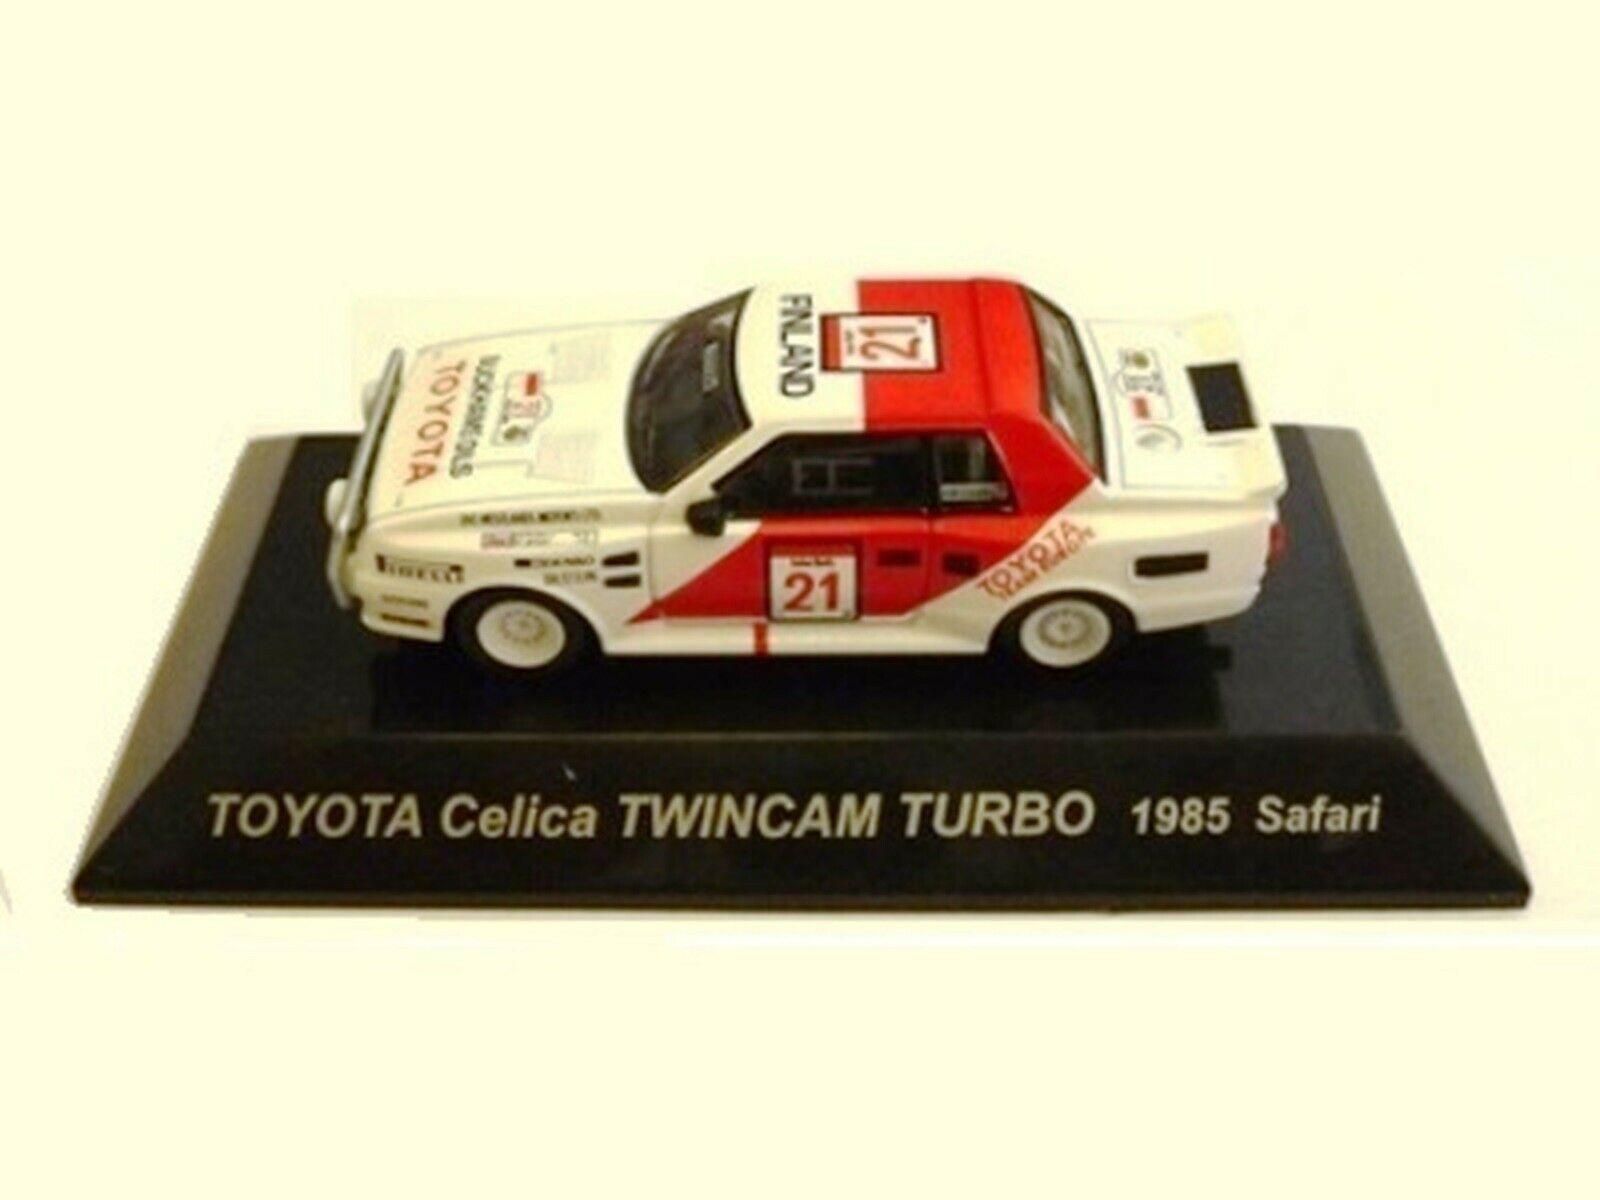 Wow extrêmement rare Toyota 1985 Celica TWIN CAM TURBO Safari WRC 1 64 cm 'S KYOSHO